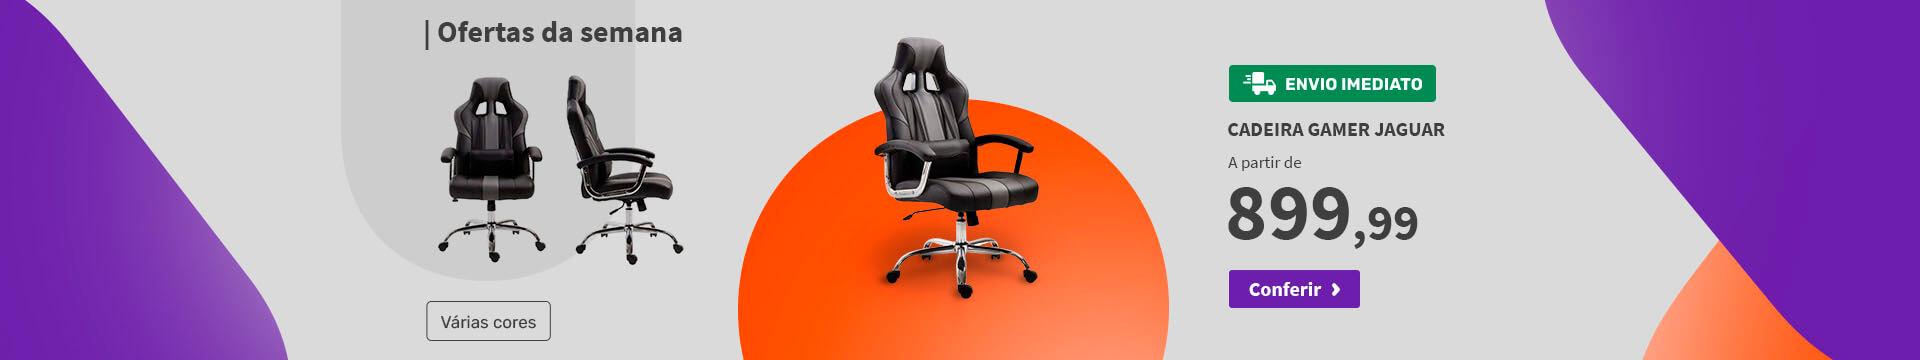 Cadeira Gamer Jaguar - Ofertas especiais